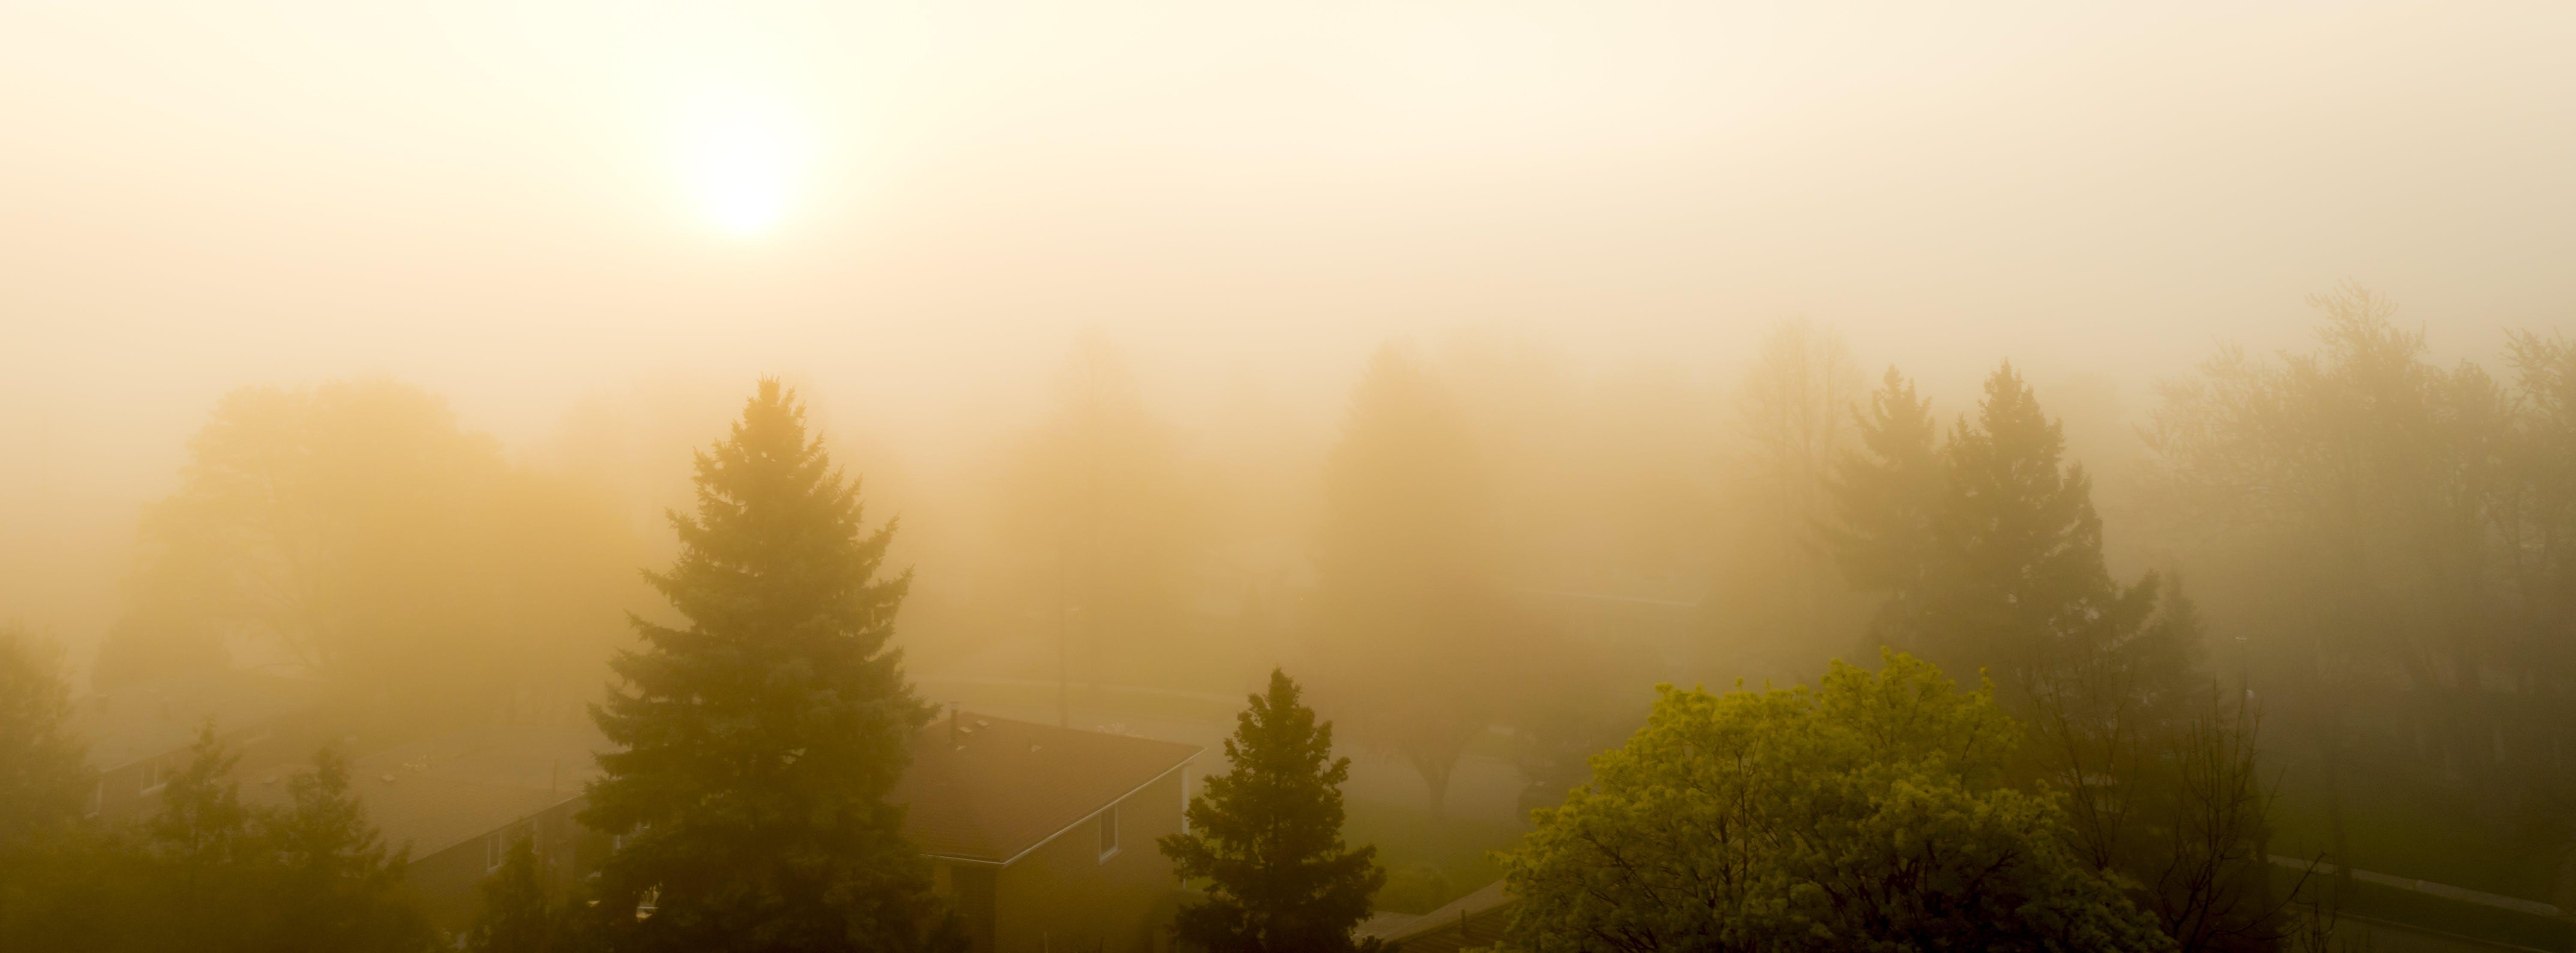 Kostenloses Stock Foto zu bäume, gelb, nebel, orange